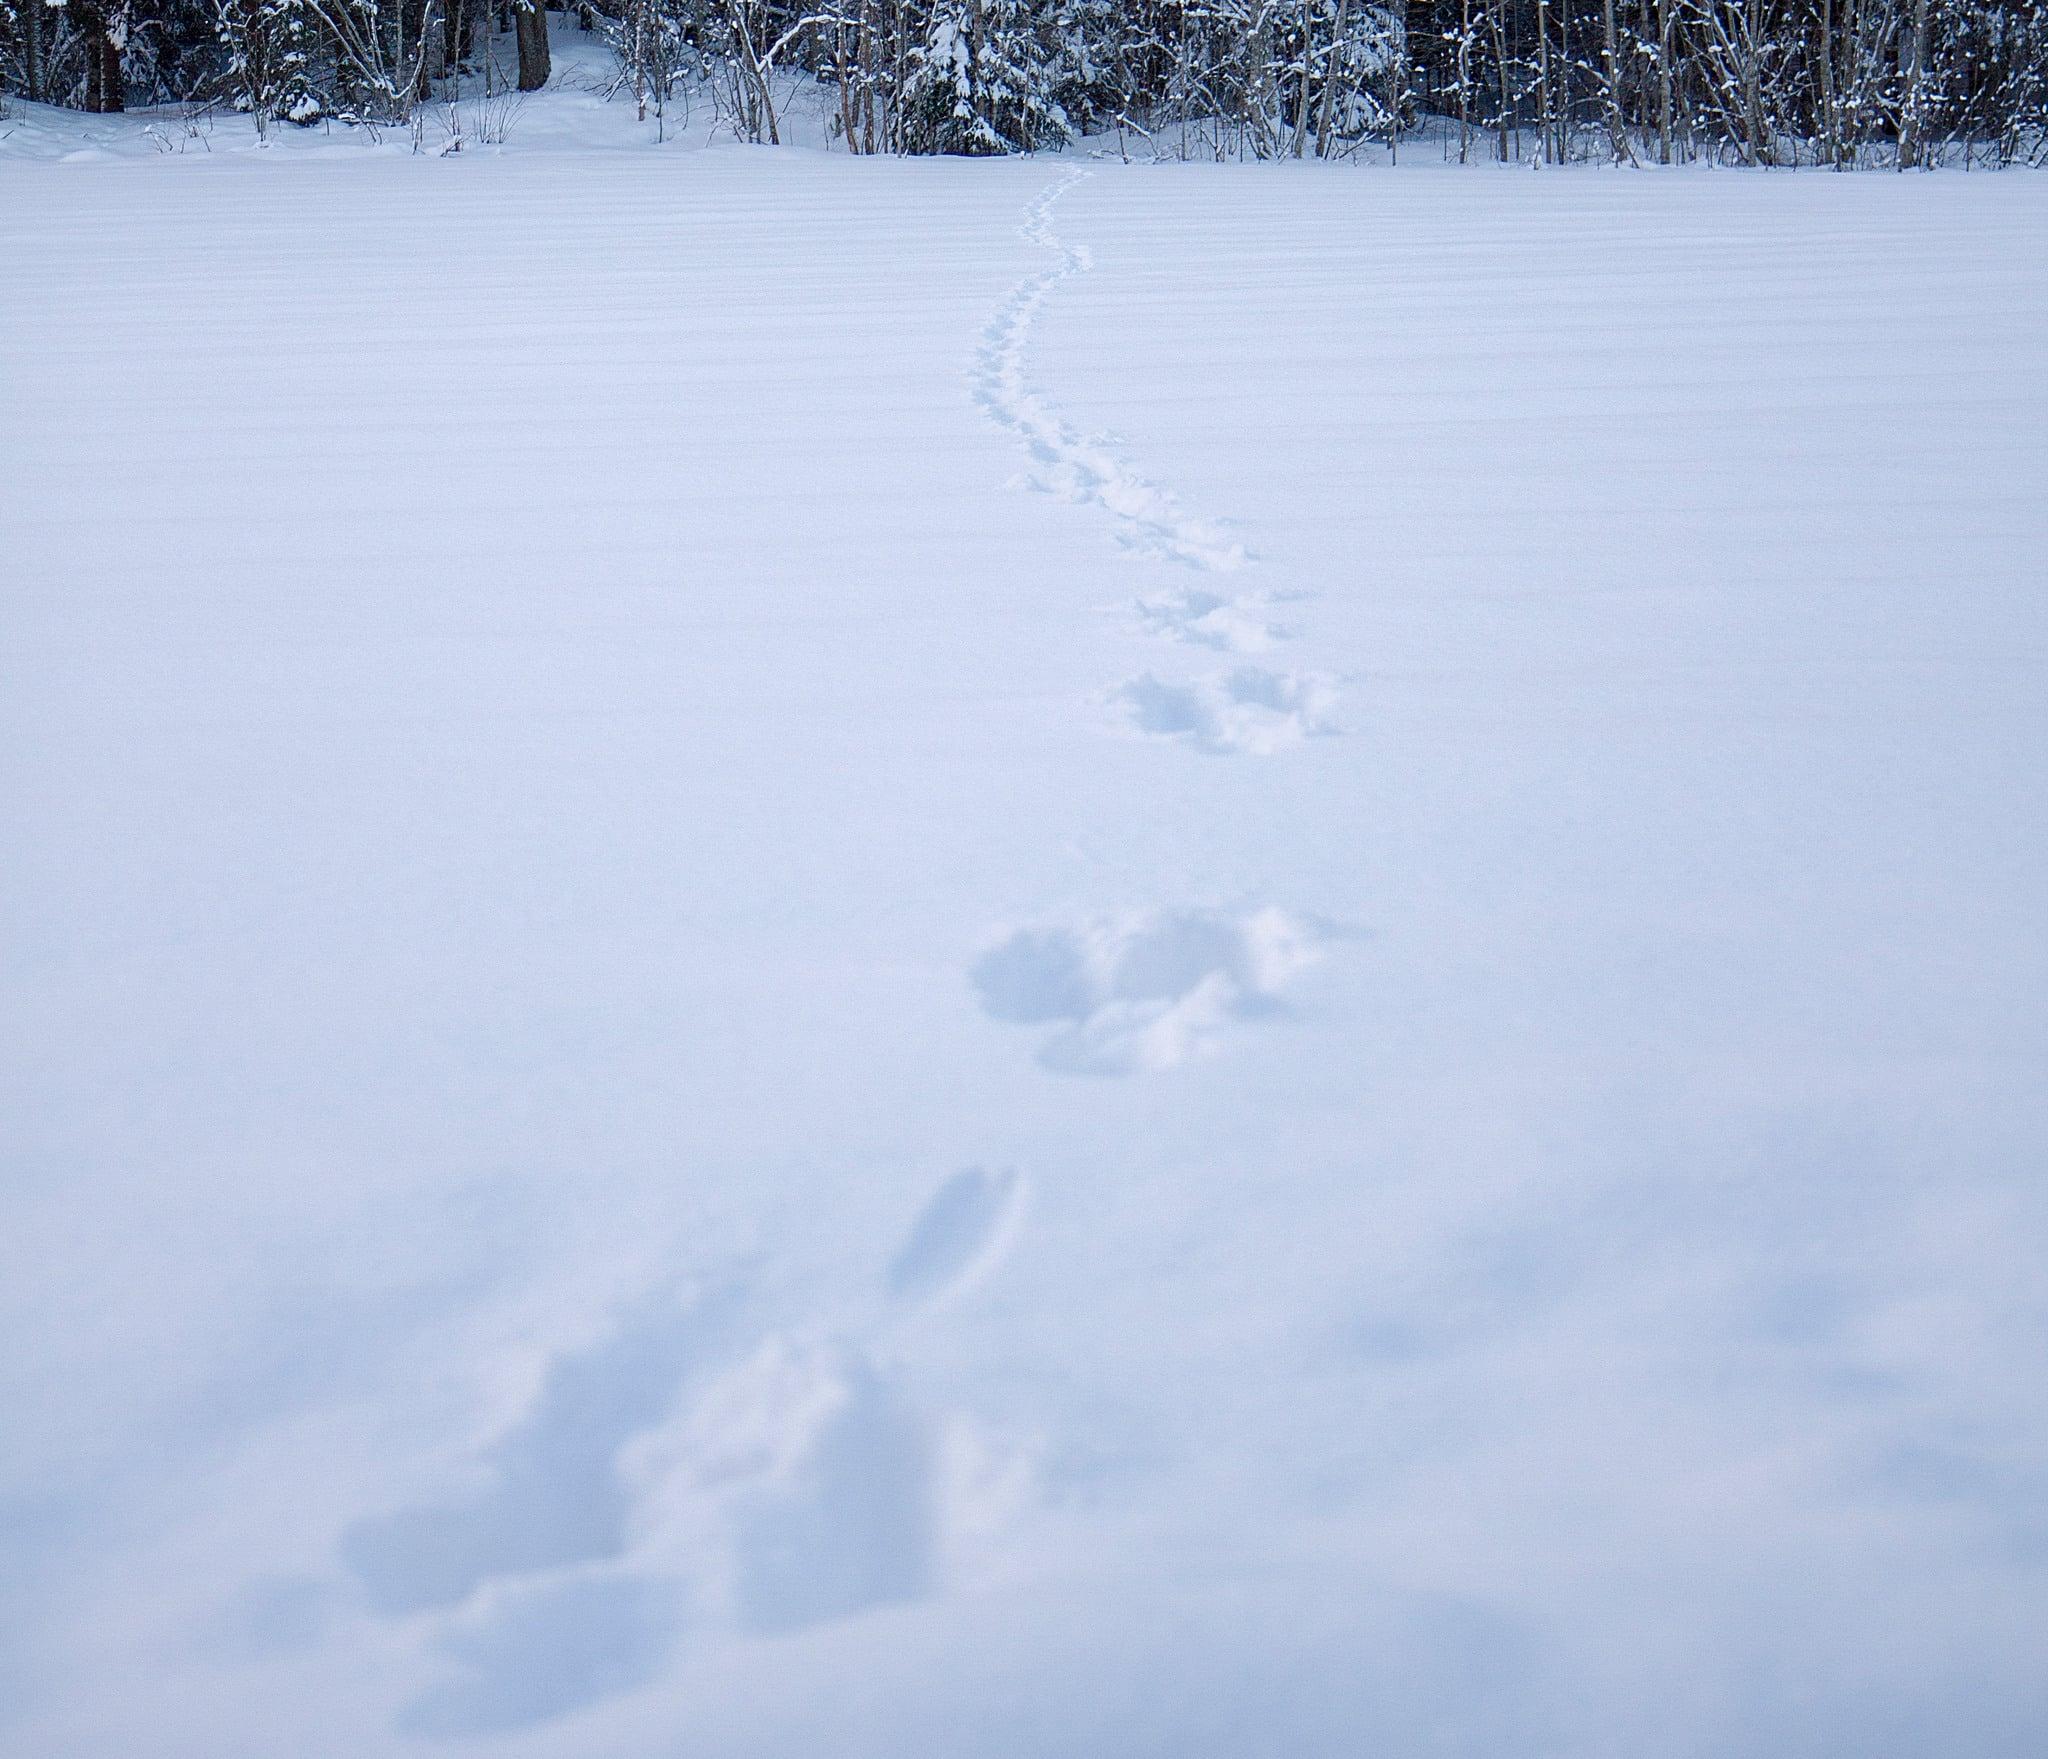 I EU-landet Finland sköts 477 lodjur det senaste jaktåret. Foto: Olle Olsson